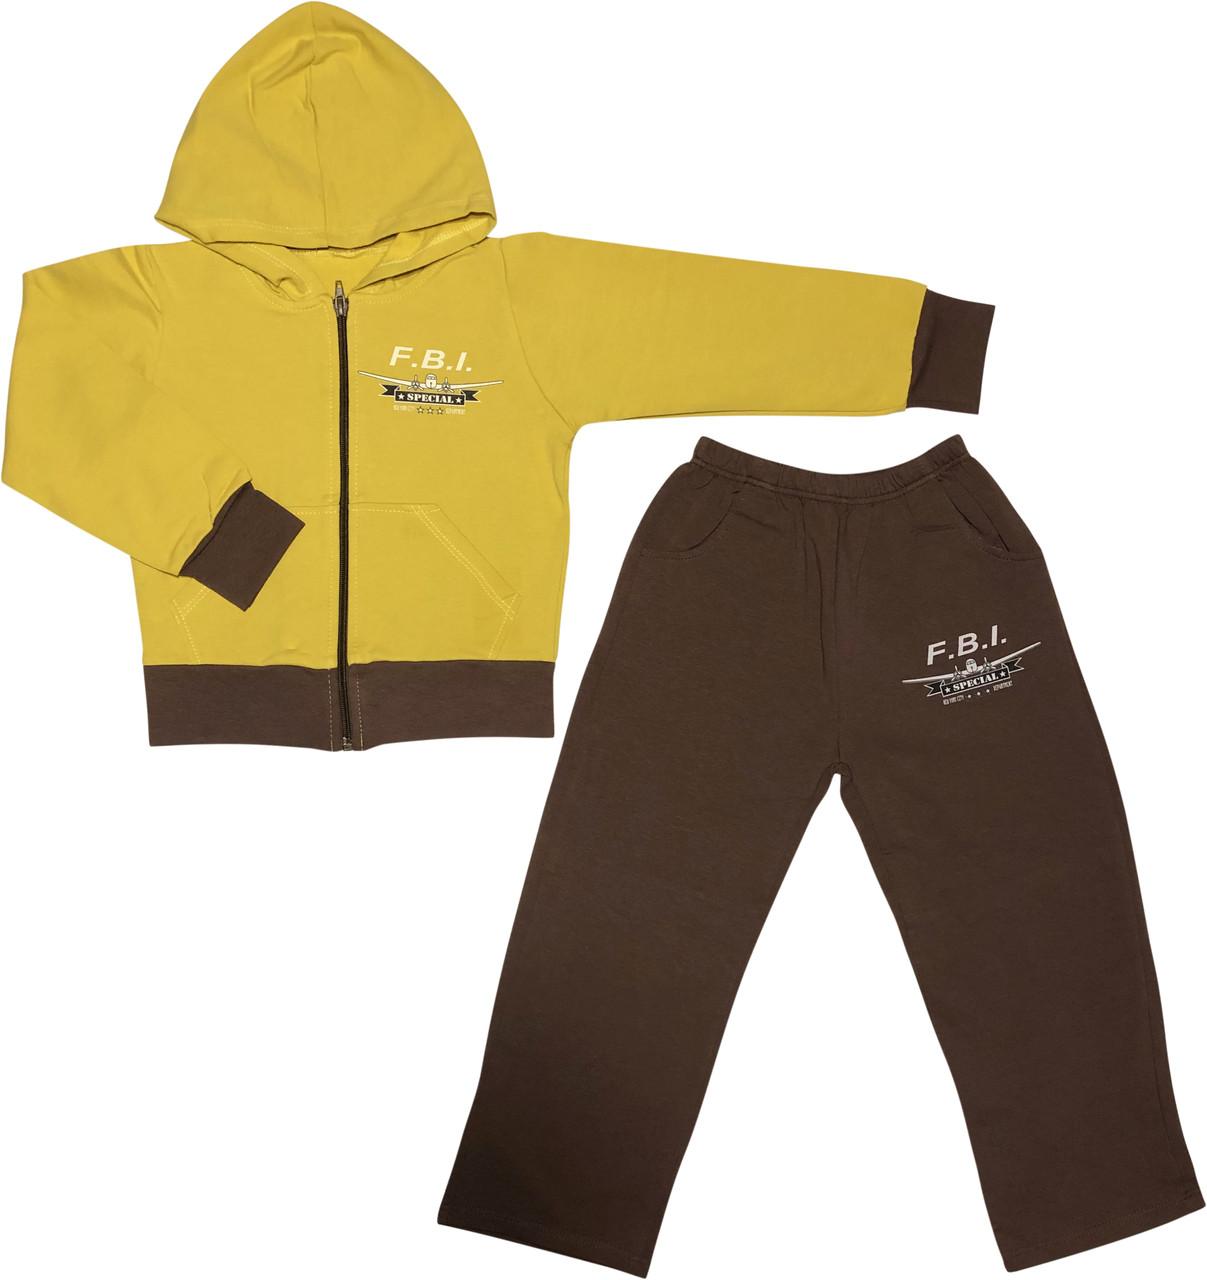 Дитячий спортивний костюм ріст 104 (4 роки) трикотаж коричневий на хлопчика для дітей К-553